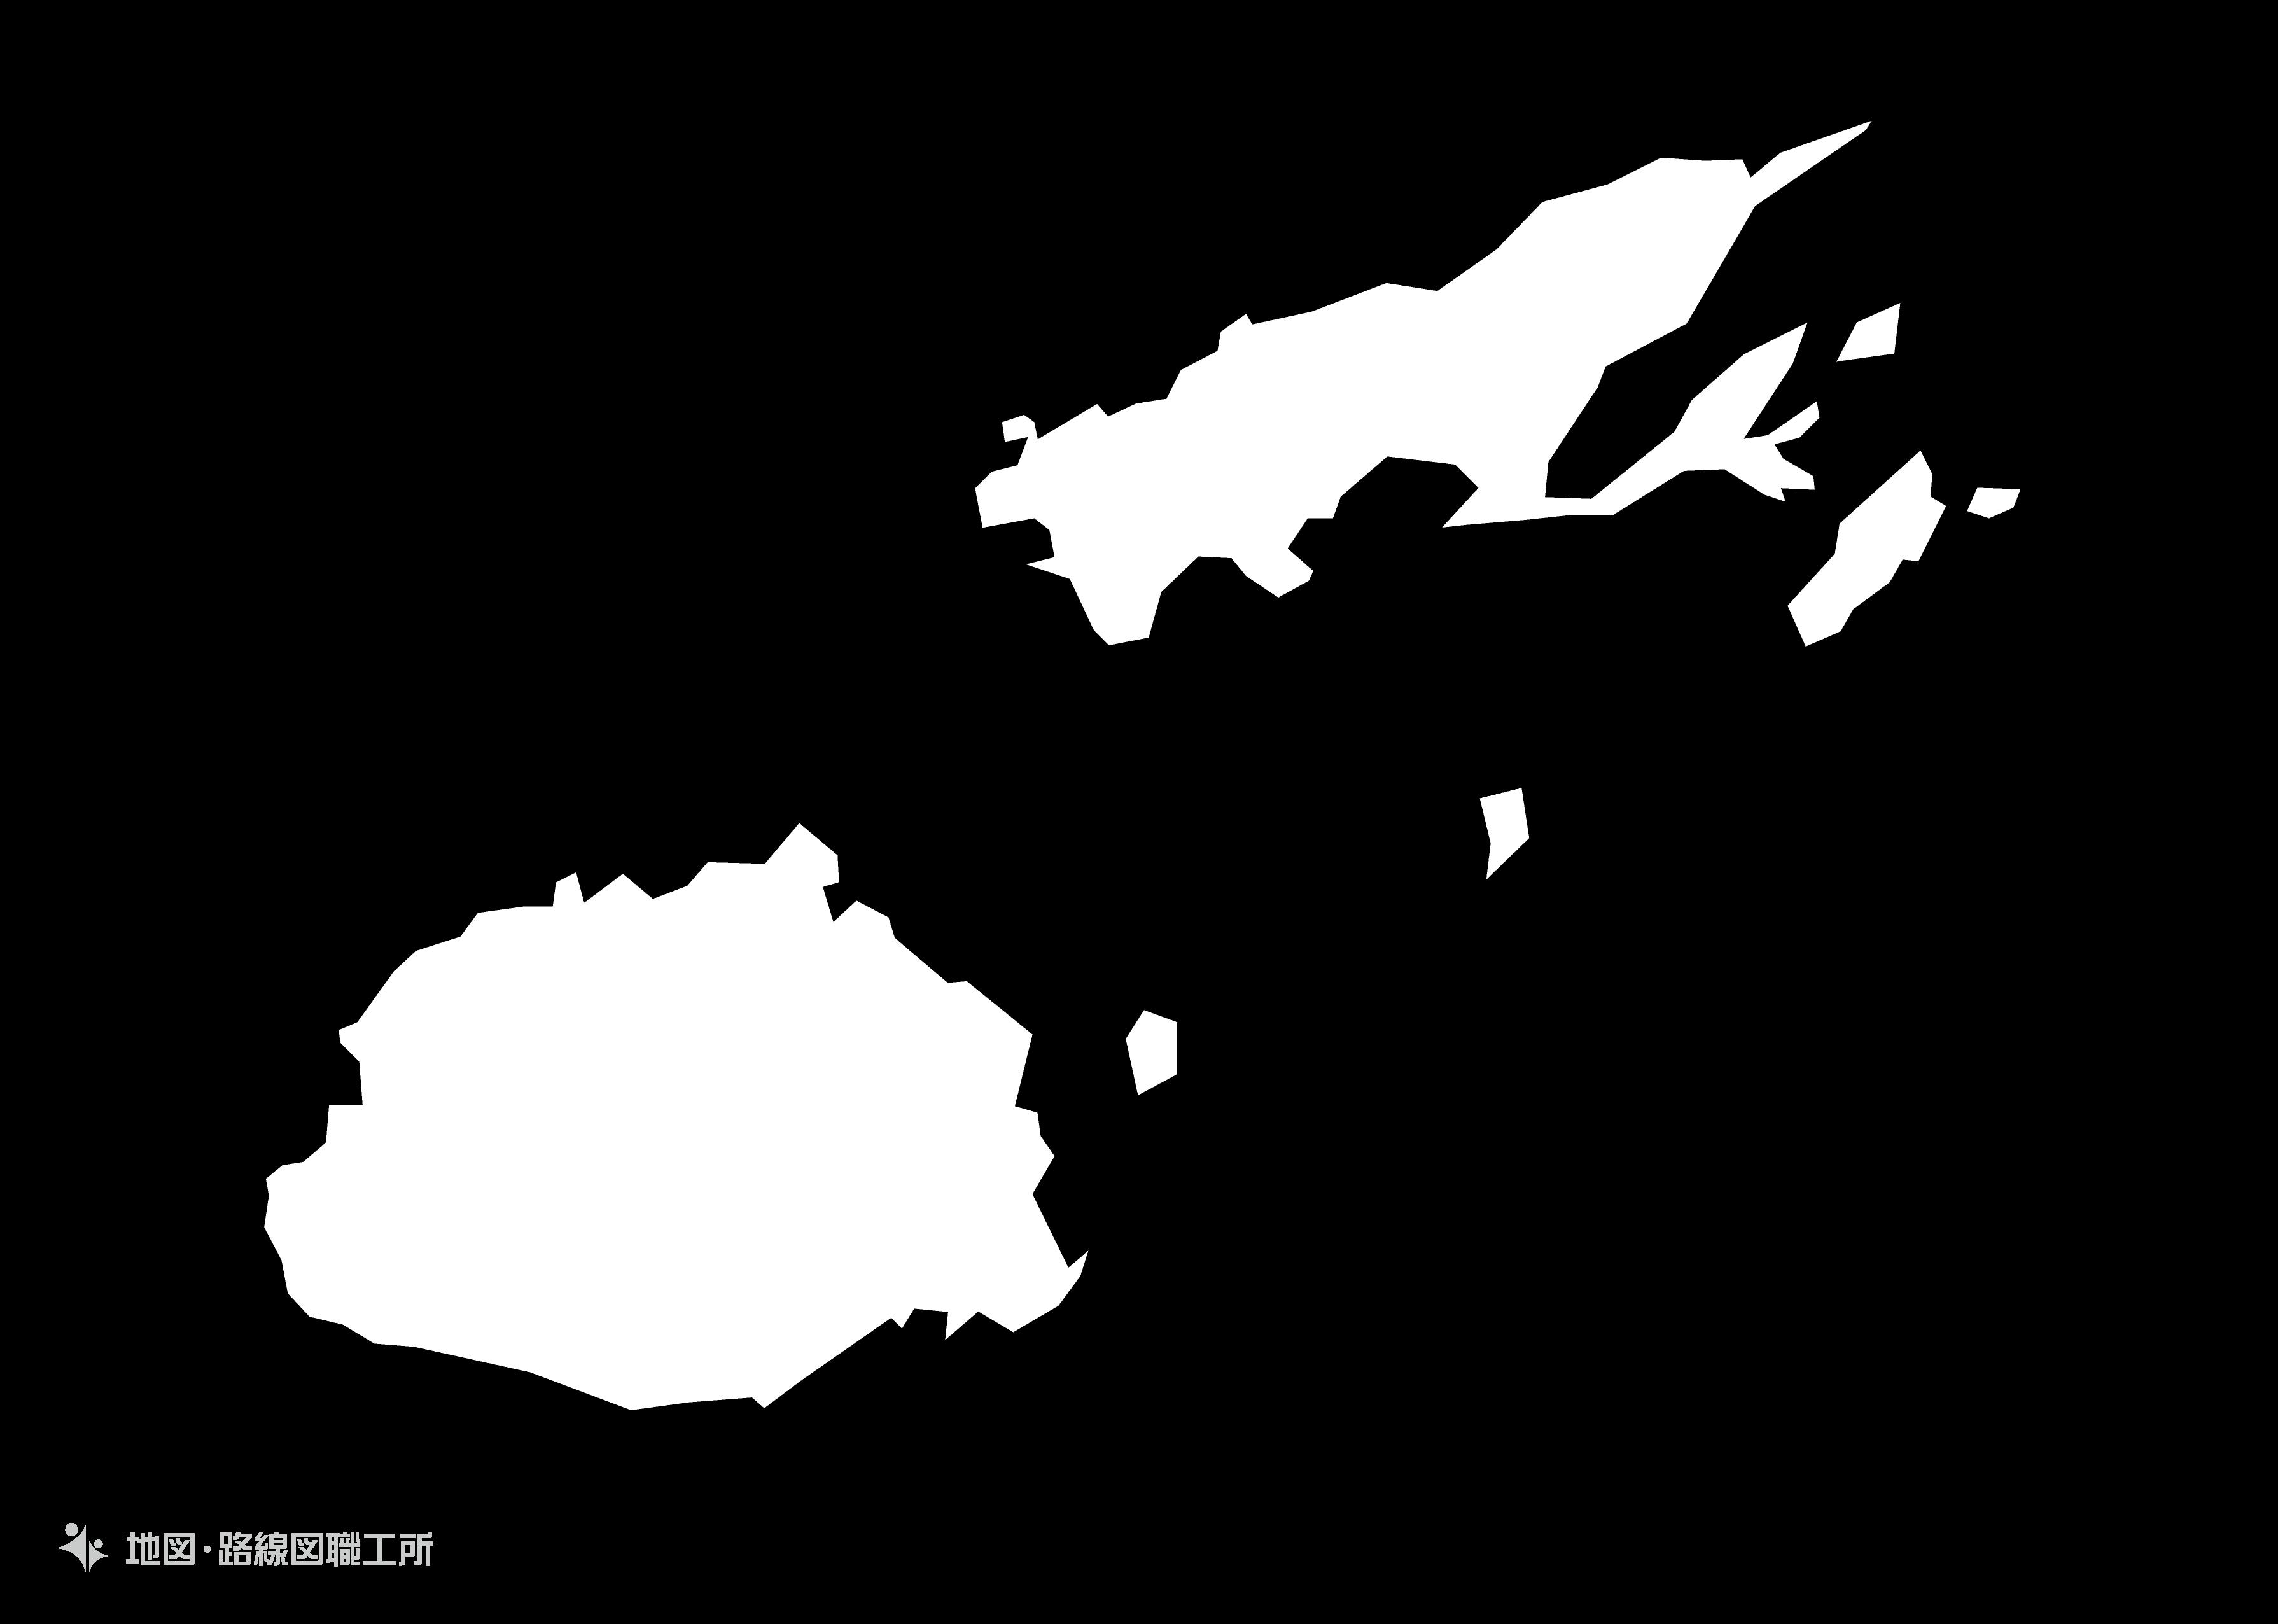 世界の白地図 フィジー共和国 republic-of-fiji map